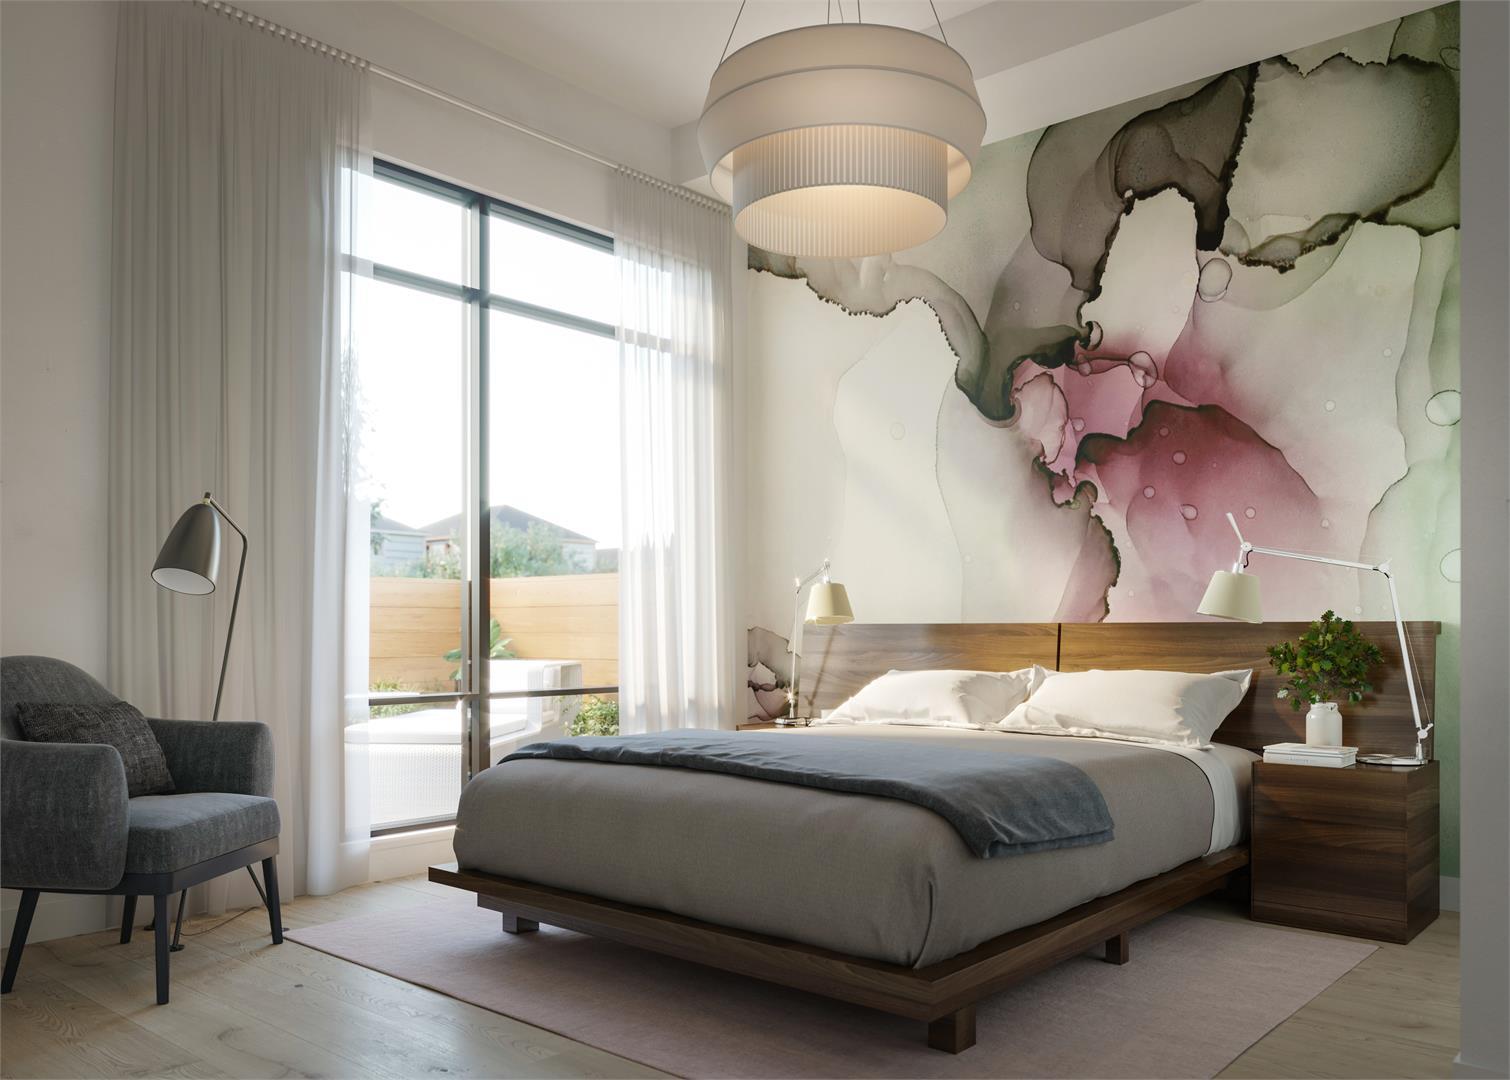 Casa Di Torre Condos Master Bedroom, Hamilton